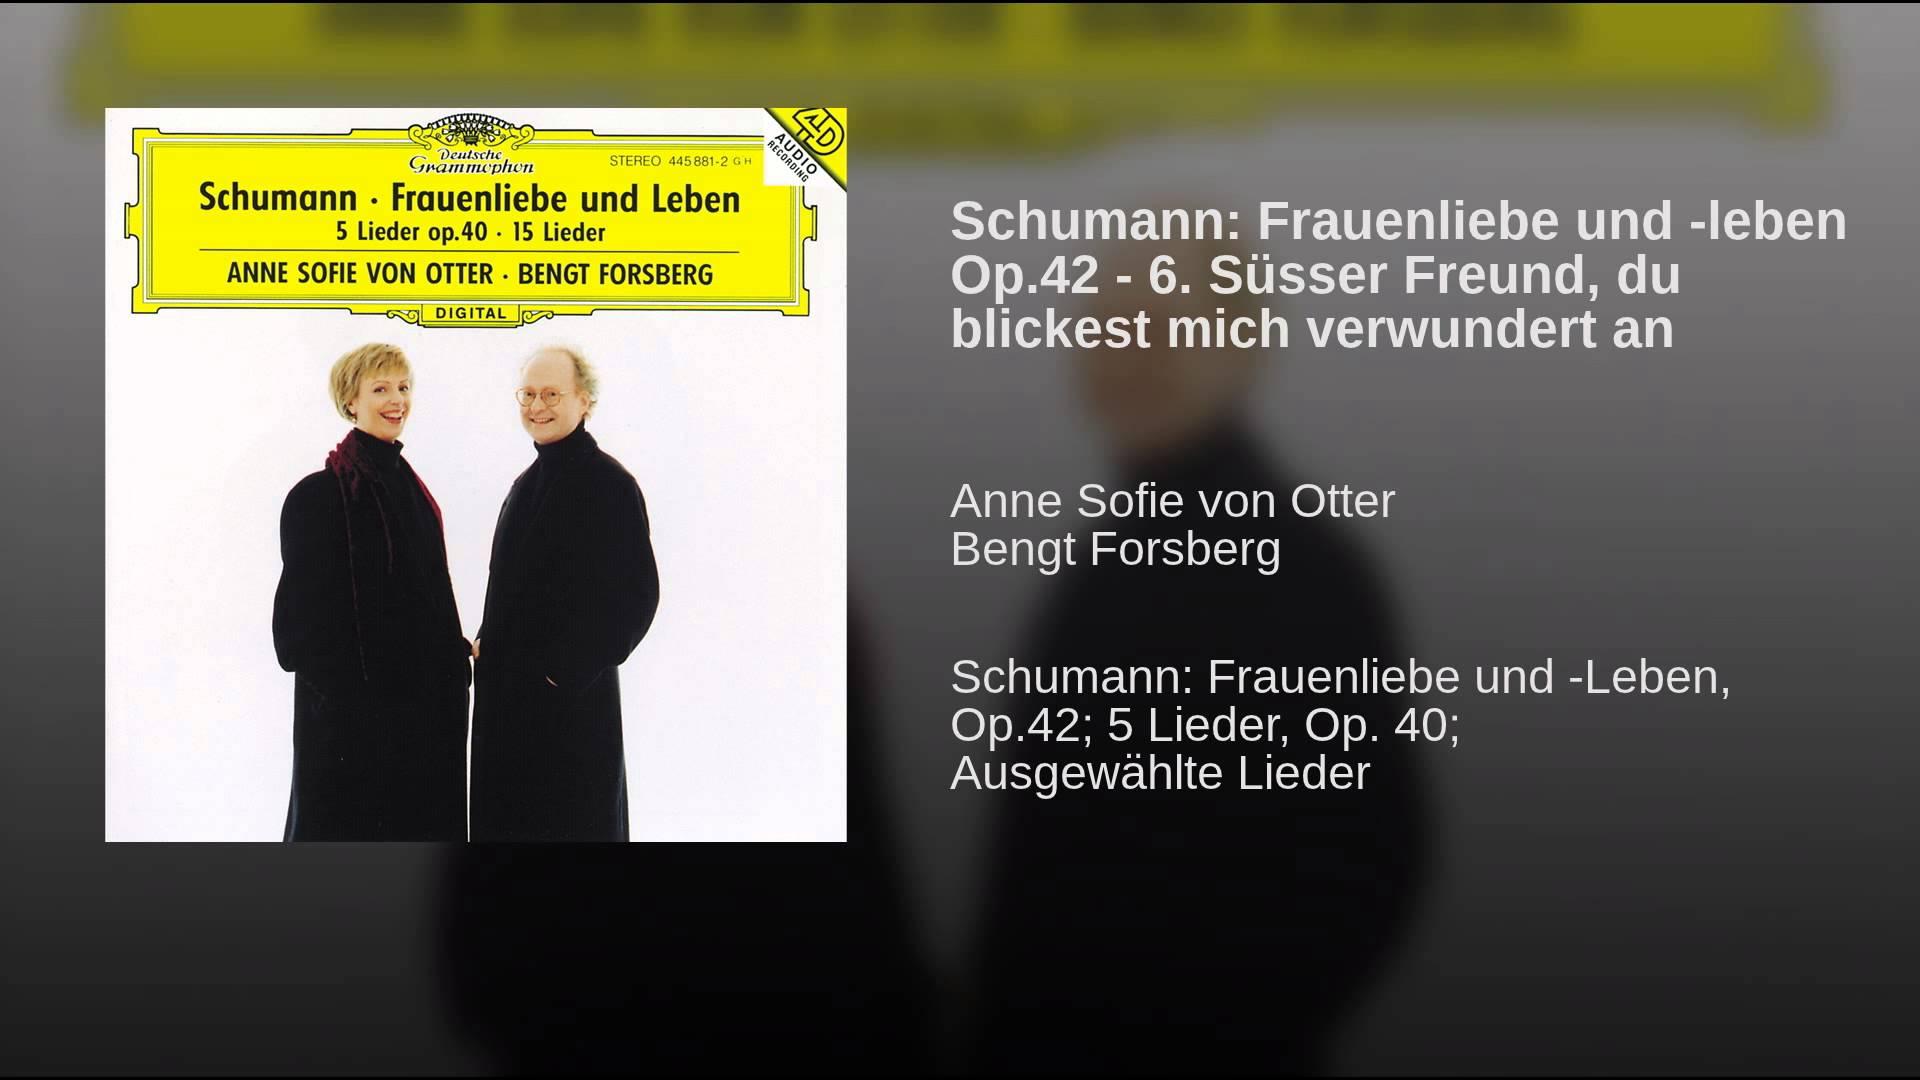 Robert Schumann: Süsser Freund